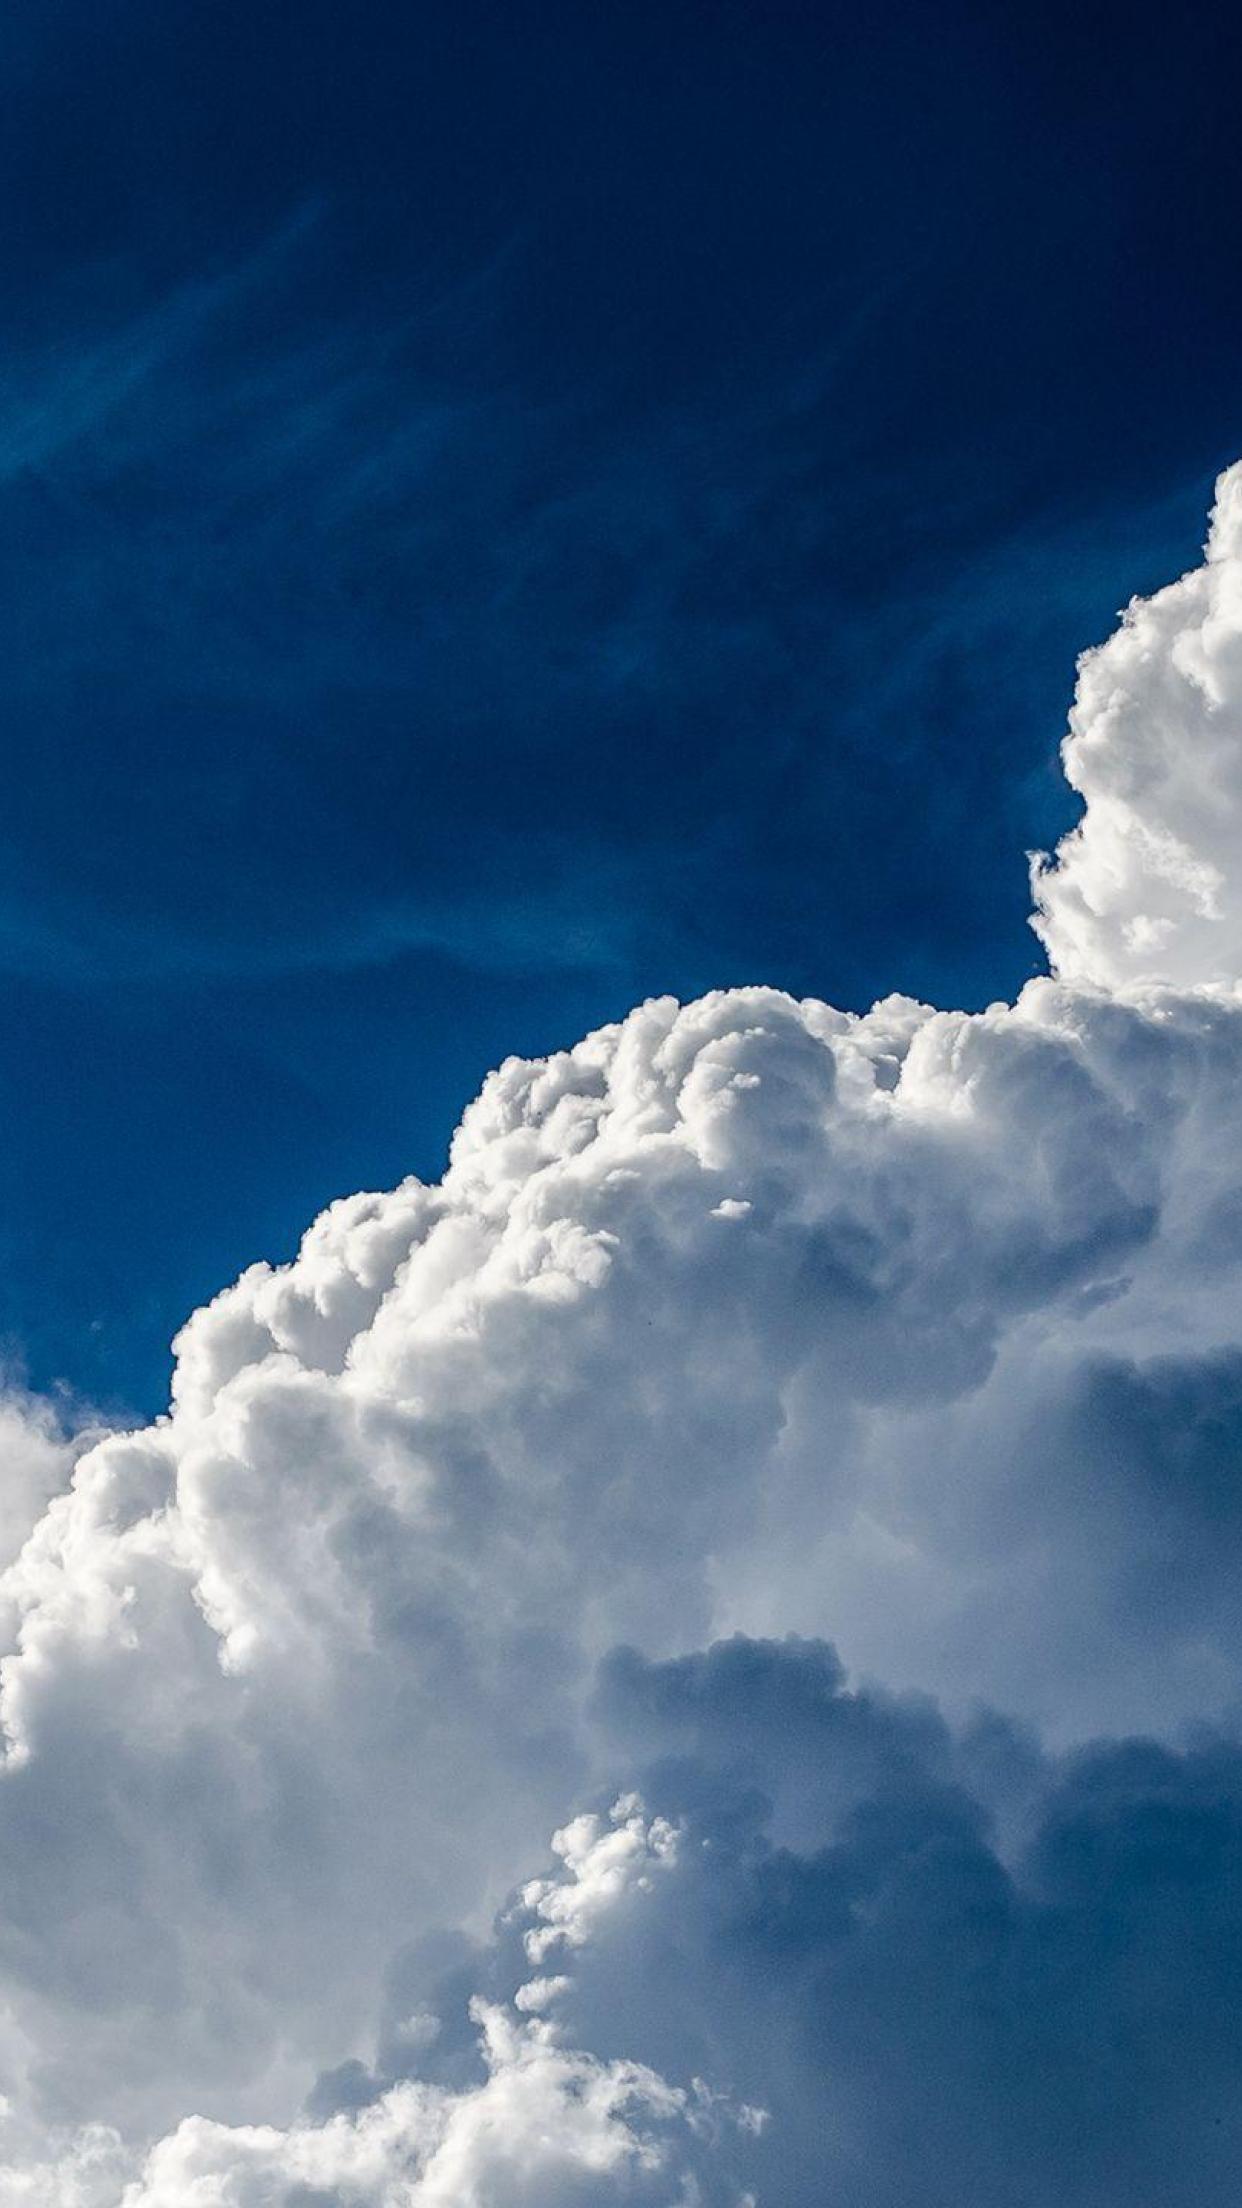 blaue Wolken iPhone Hintergrund   Cloud Live Wallpaper   21x21 ...